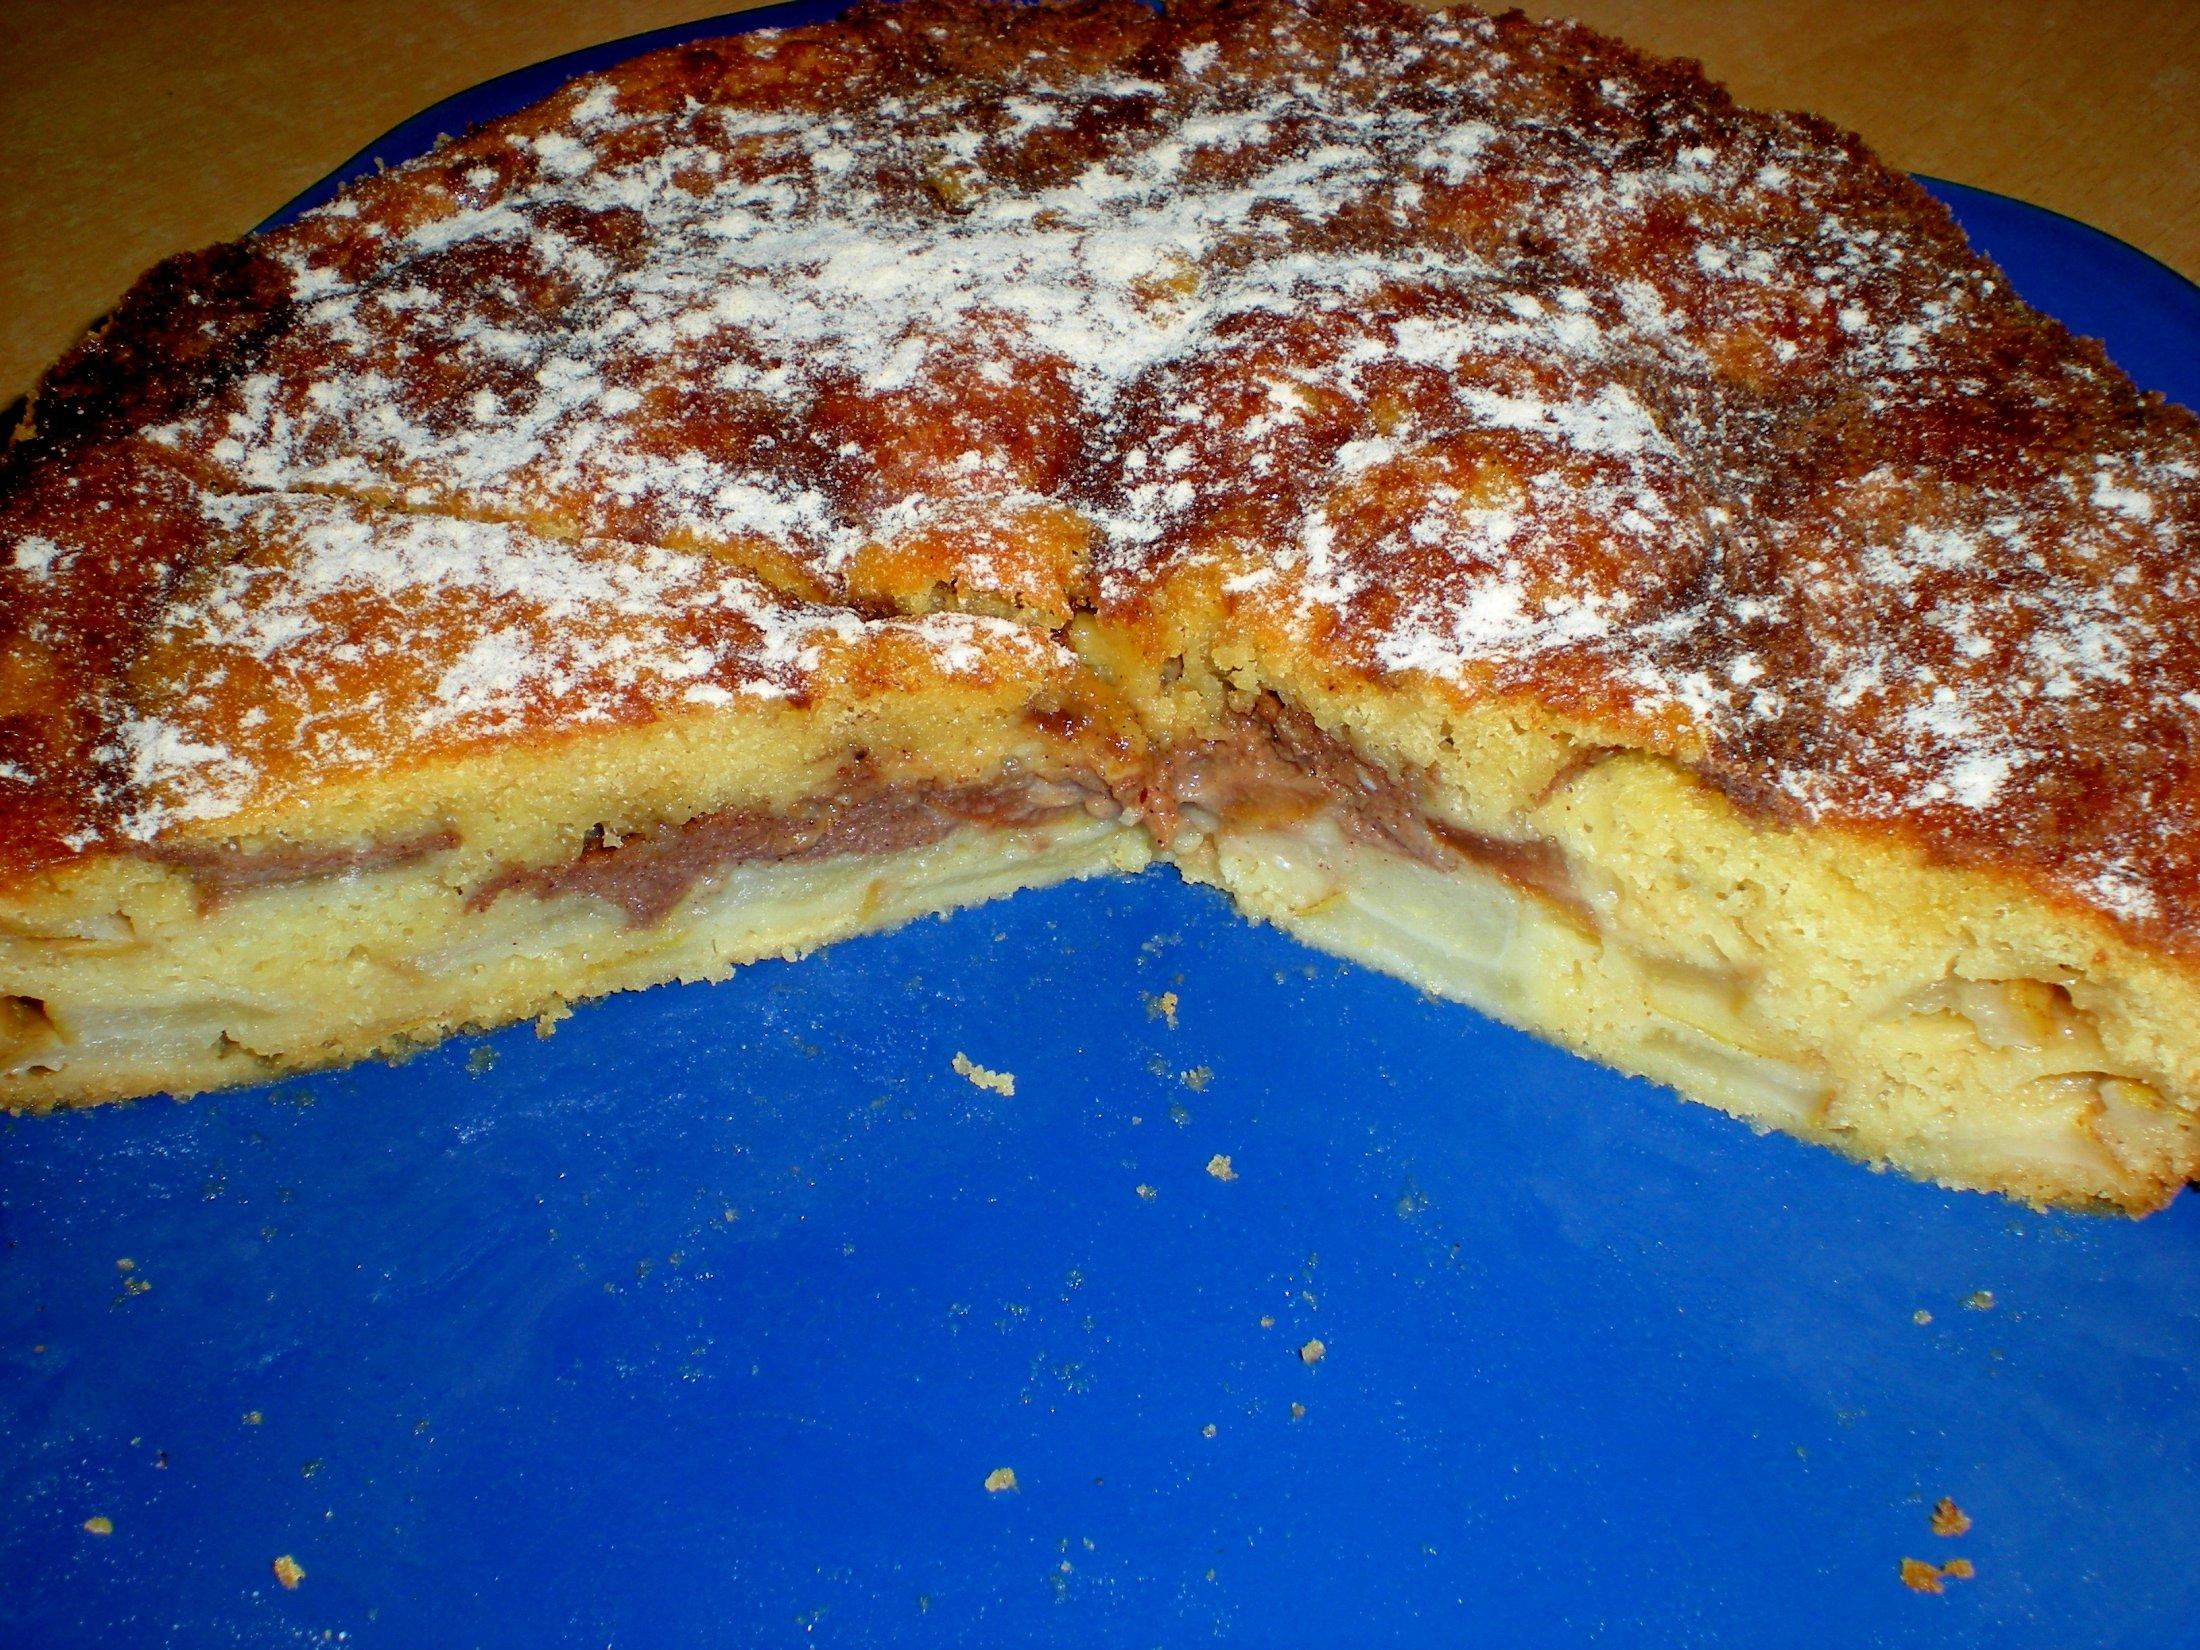 Recept Francouzský hruškový koláč - Francouzský hruškový koláč.